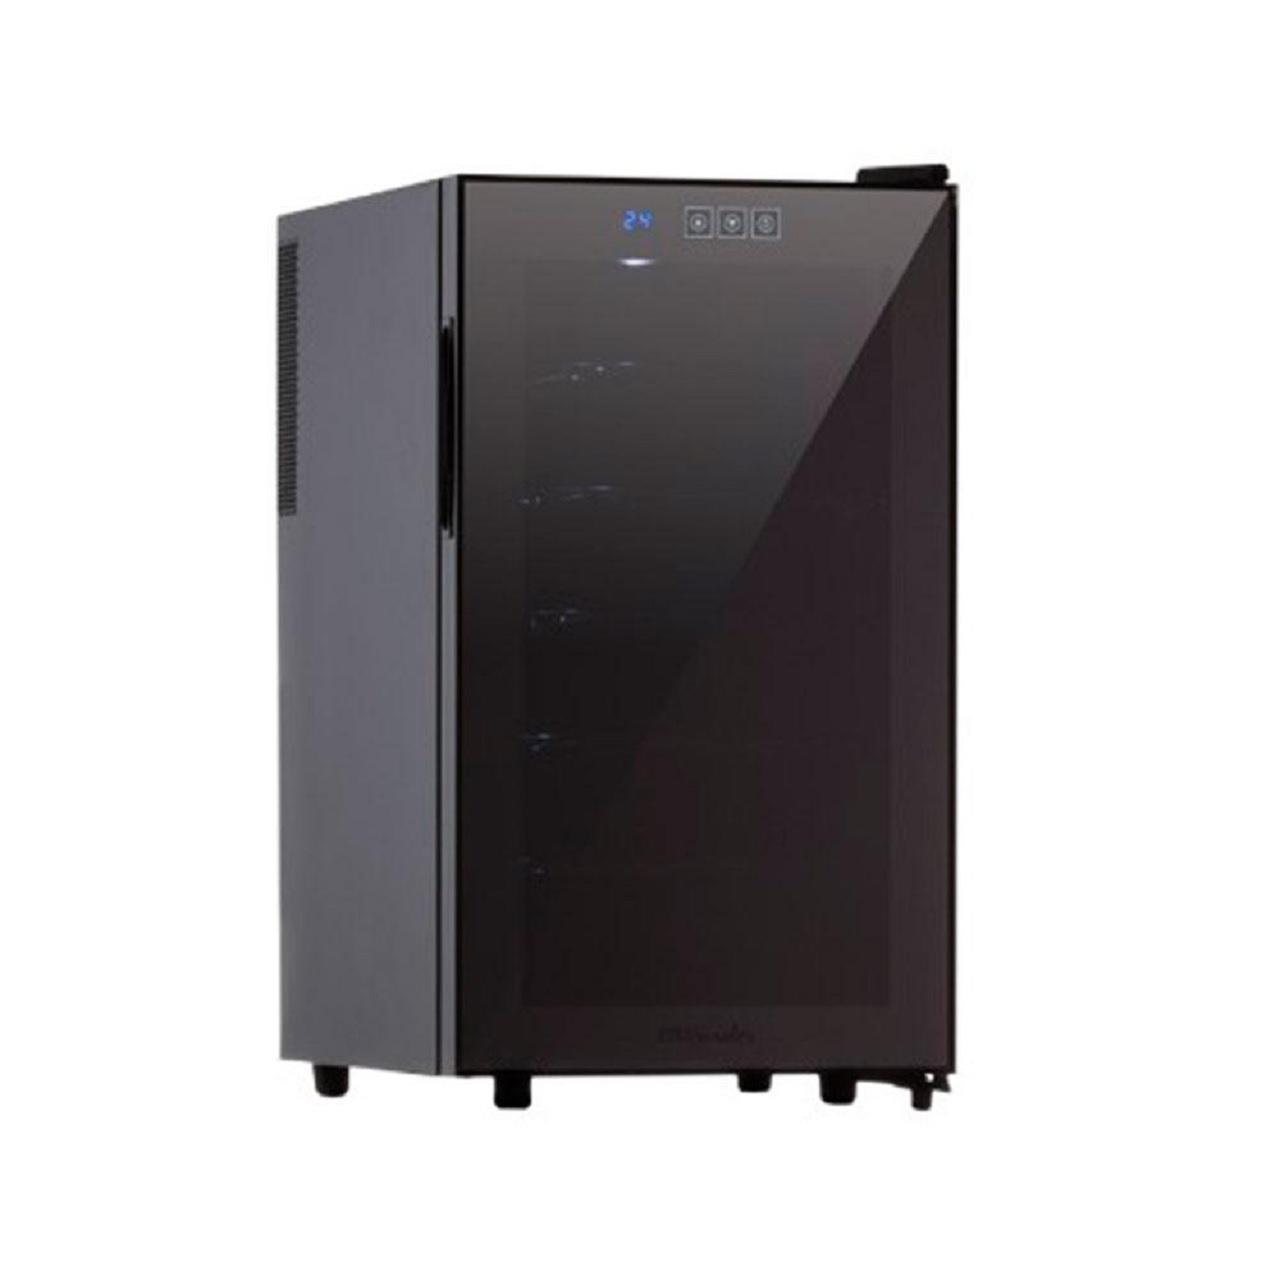 Easycooler Acton Central Adega Climatizada Termoelétrica 18 Garrafas 220V